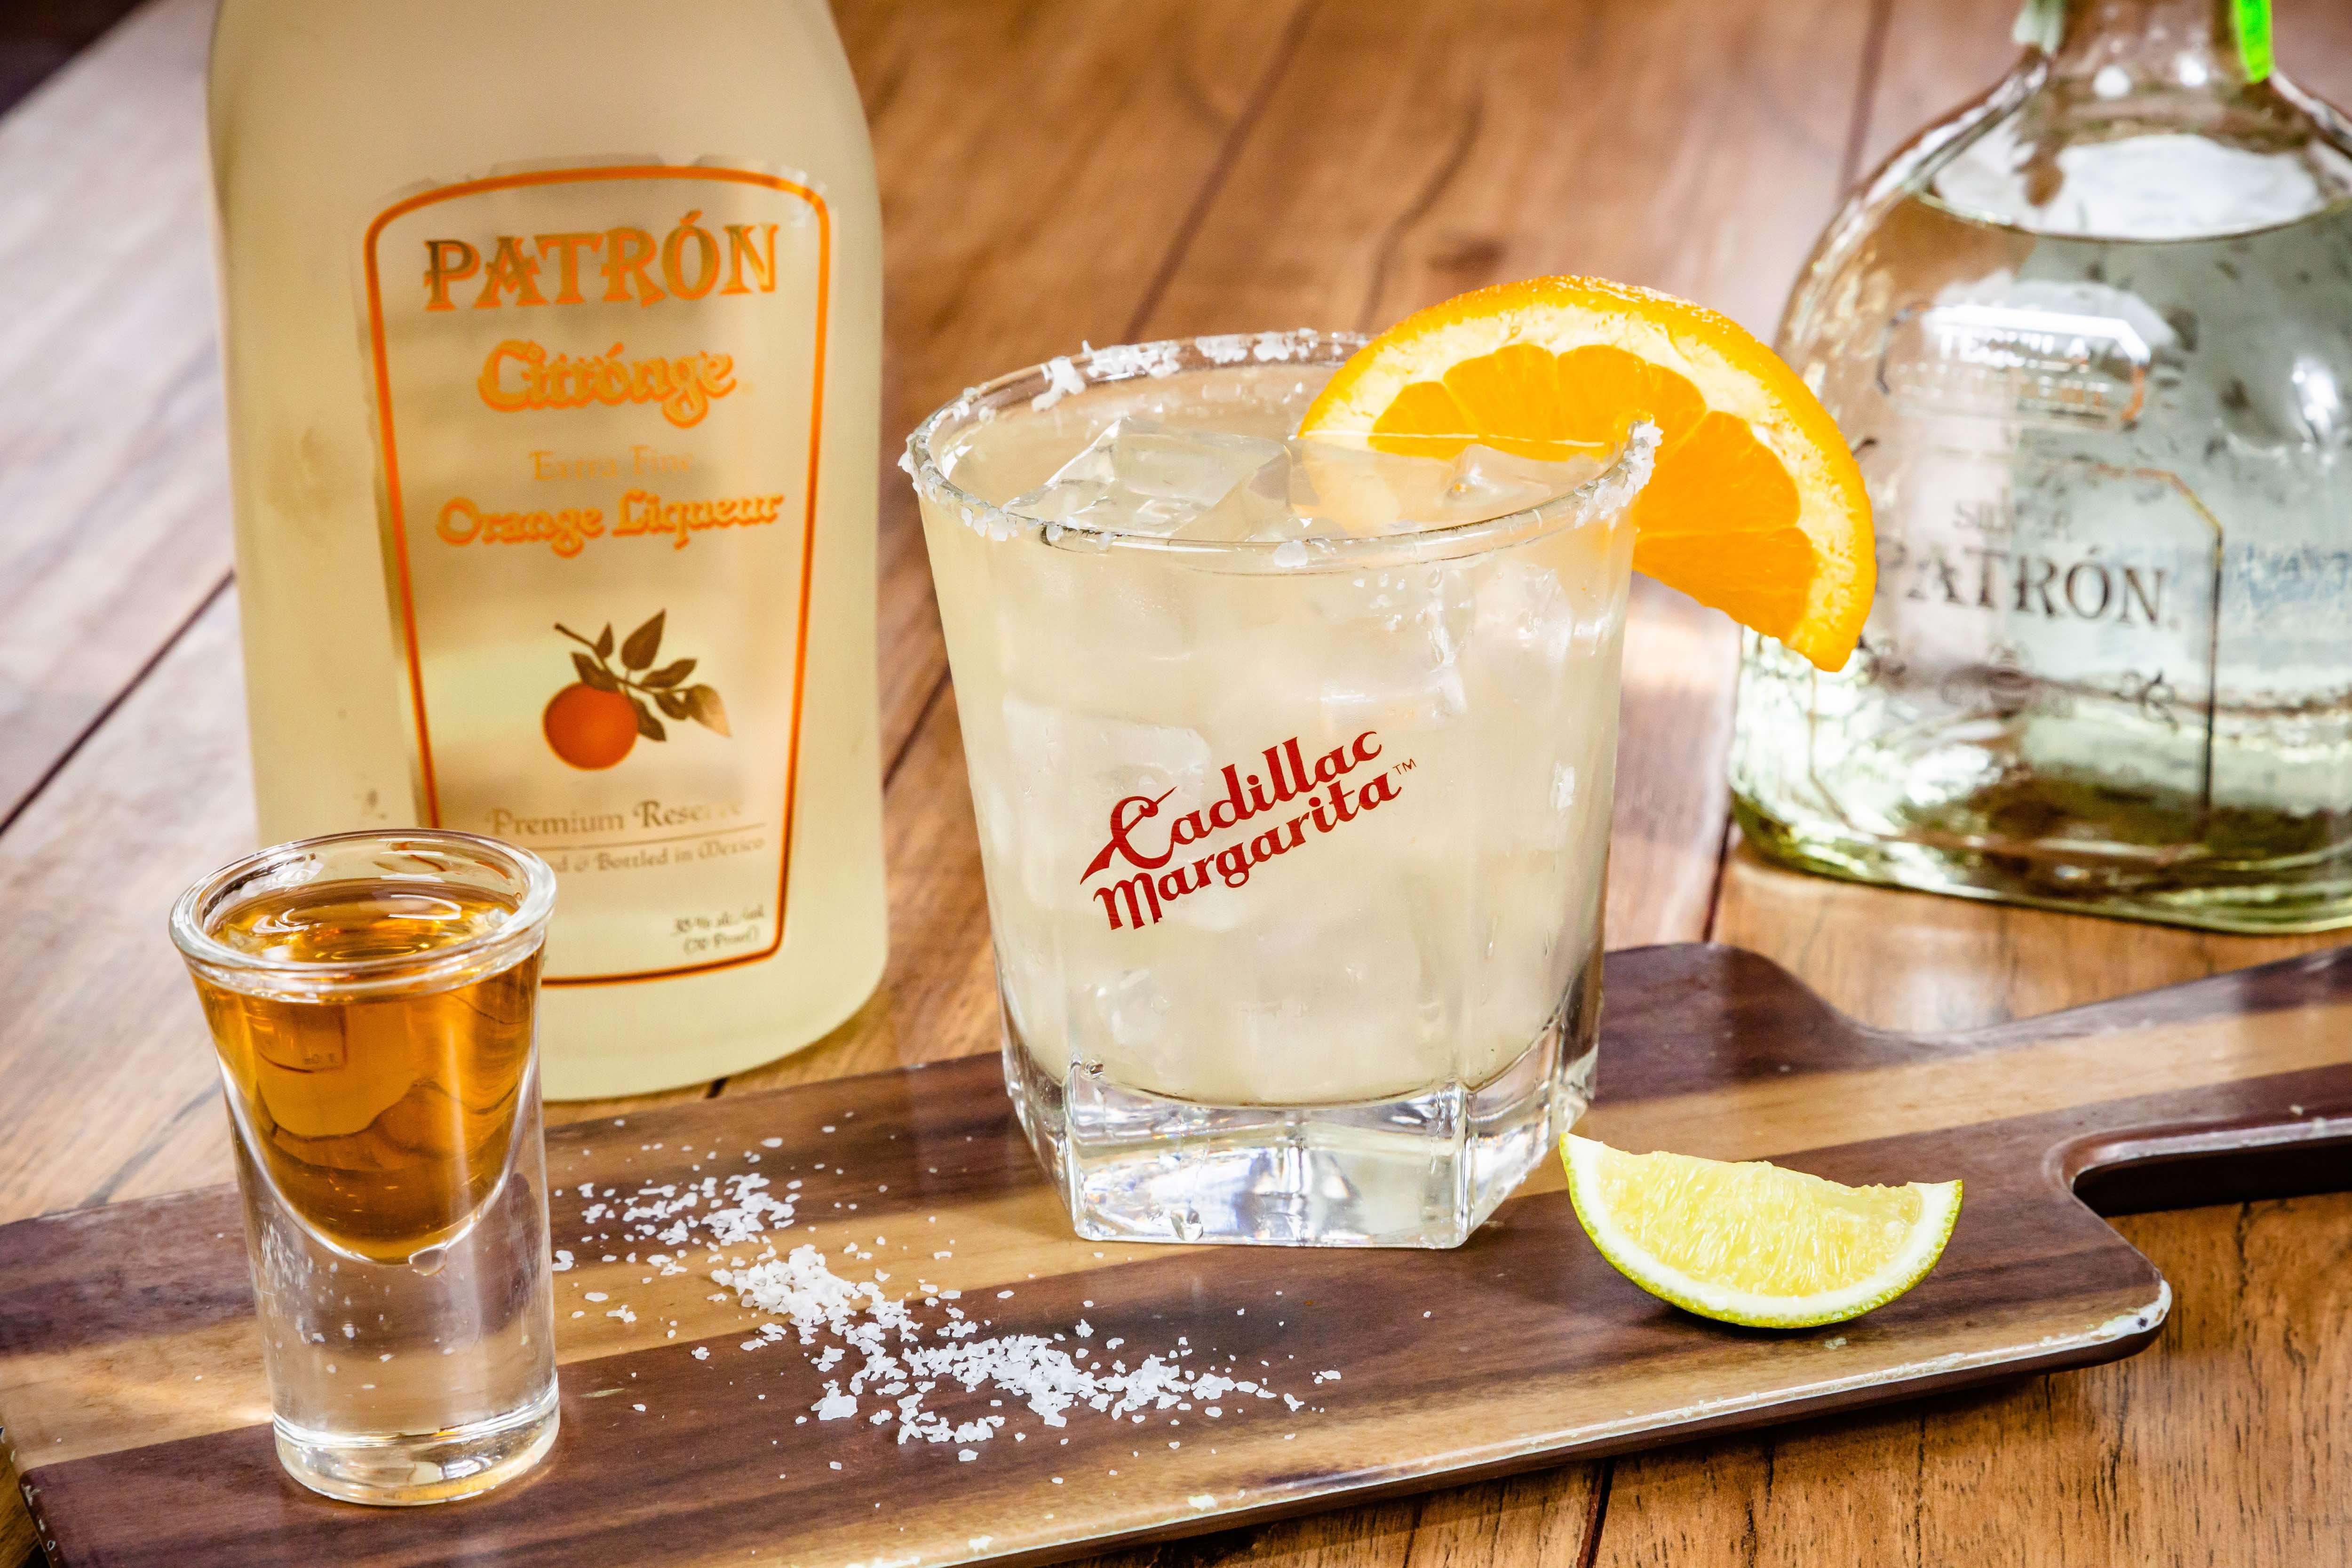 Patrón Citrus Cadillac Margarita